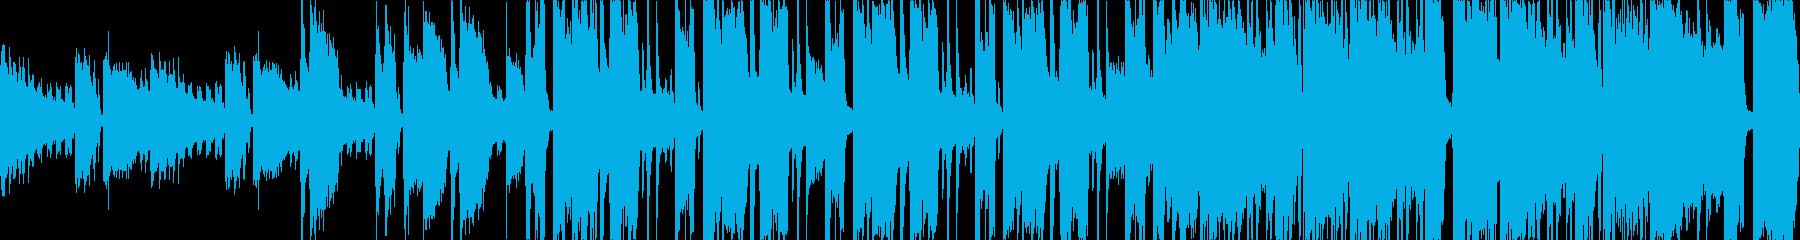 ファンク風のループ素材ですの再生済みの波形